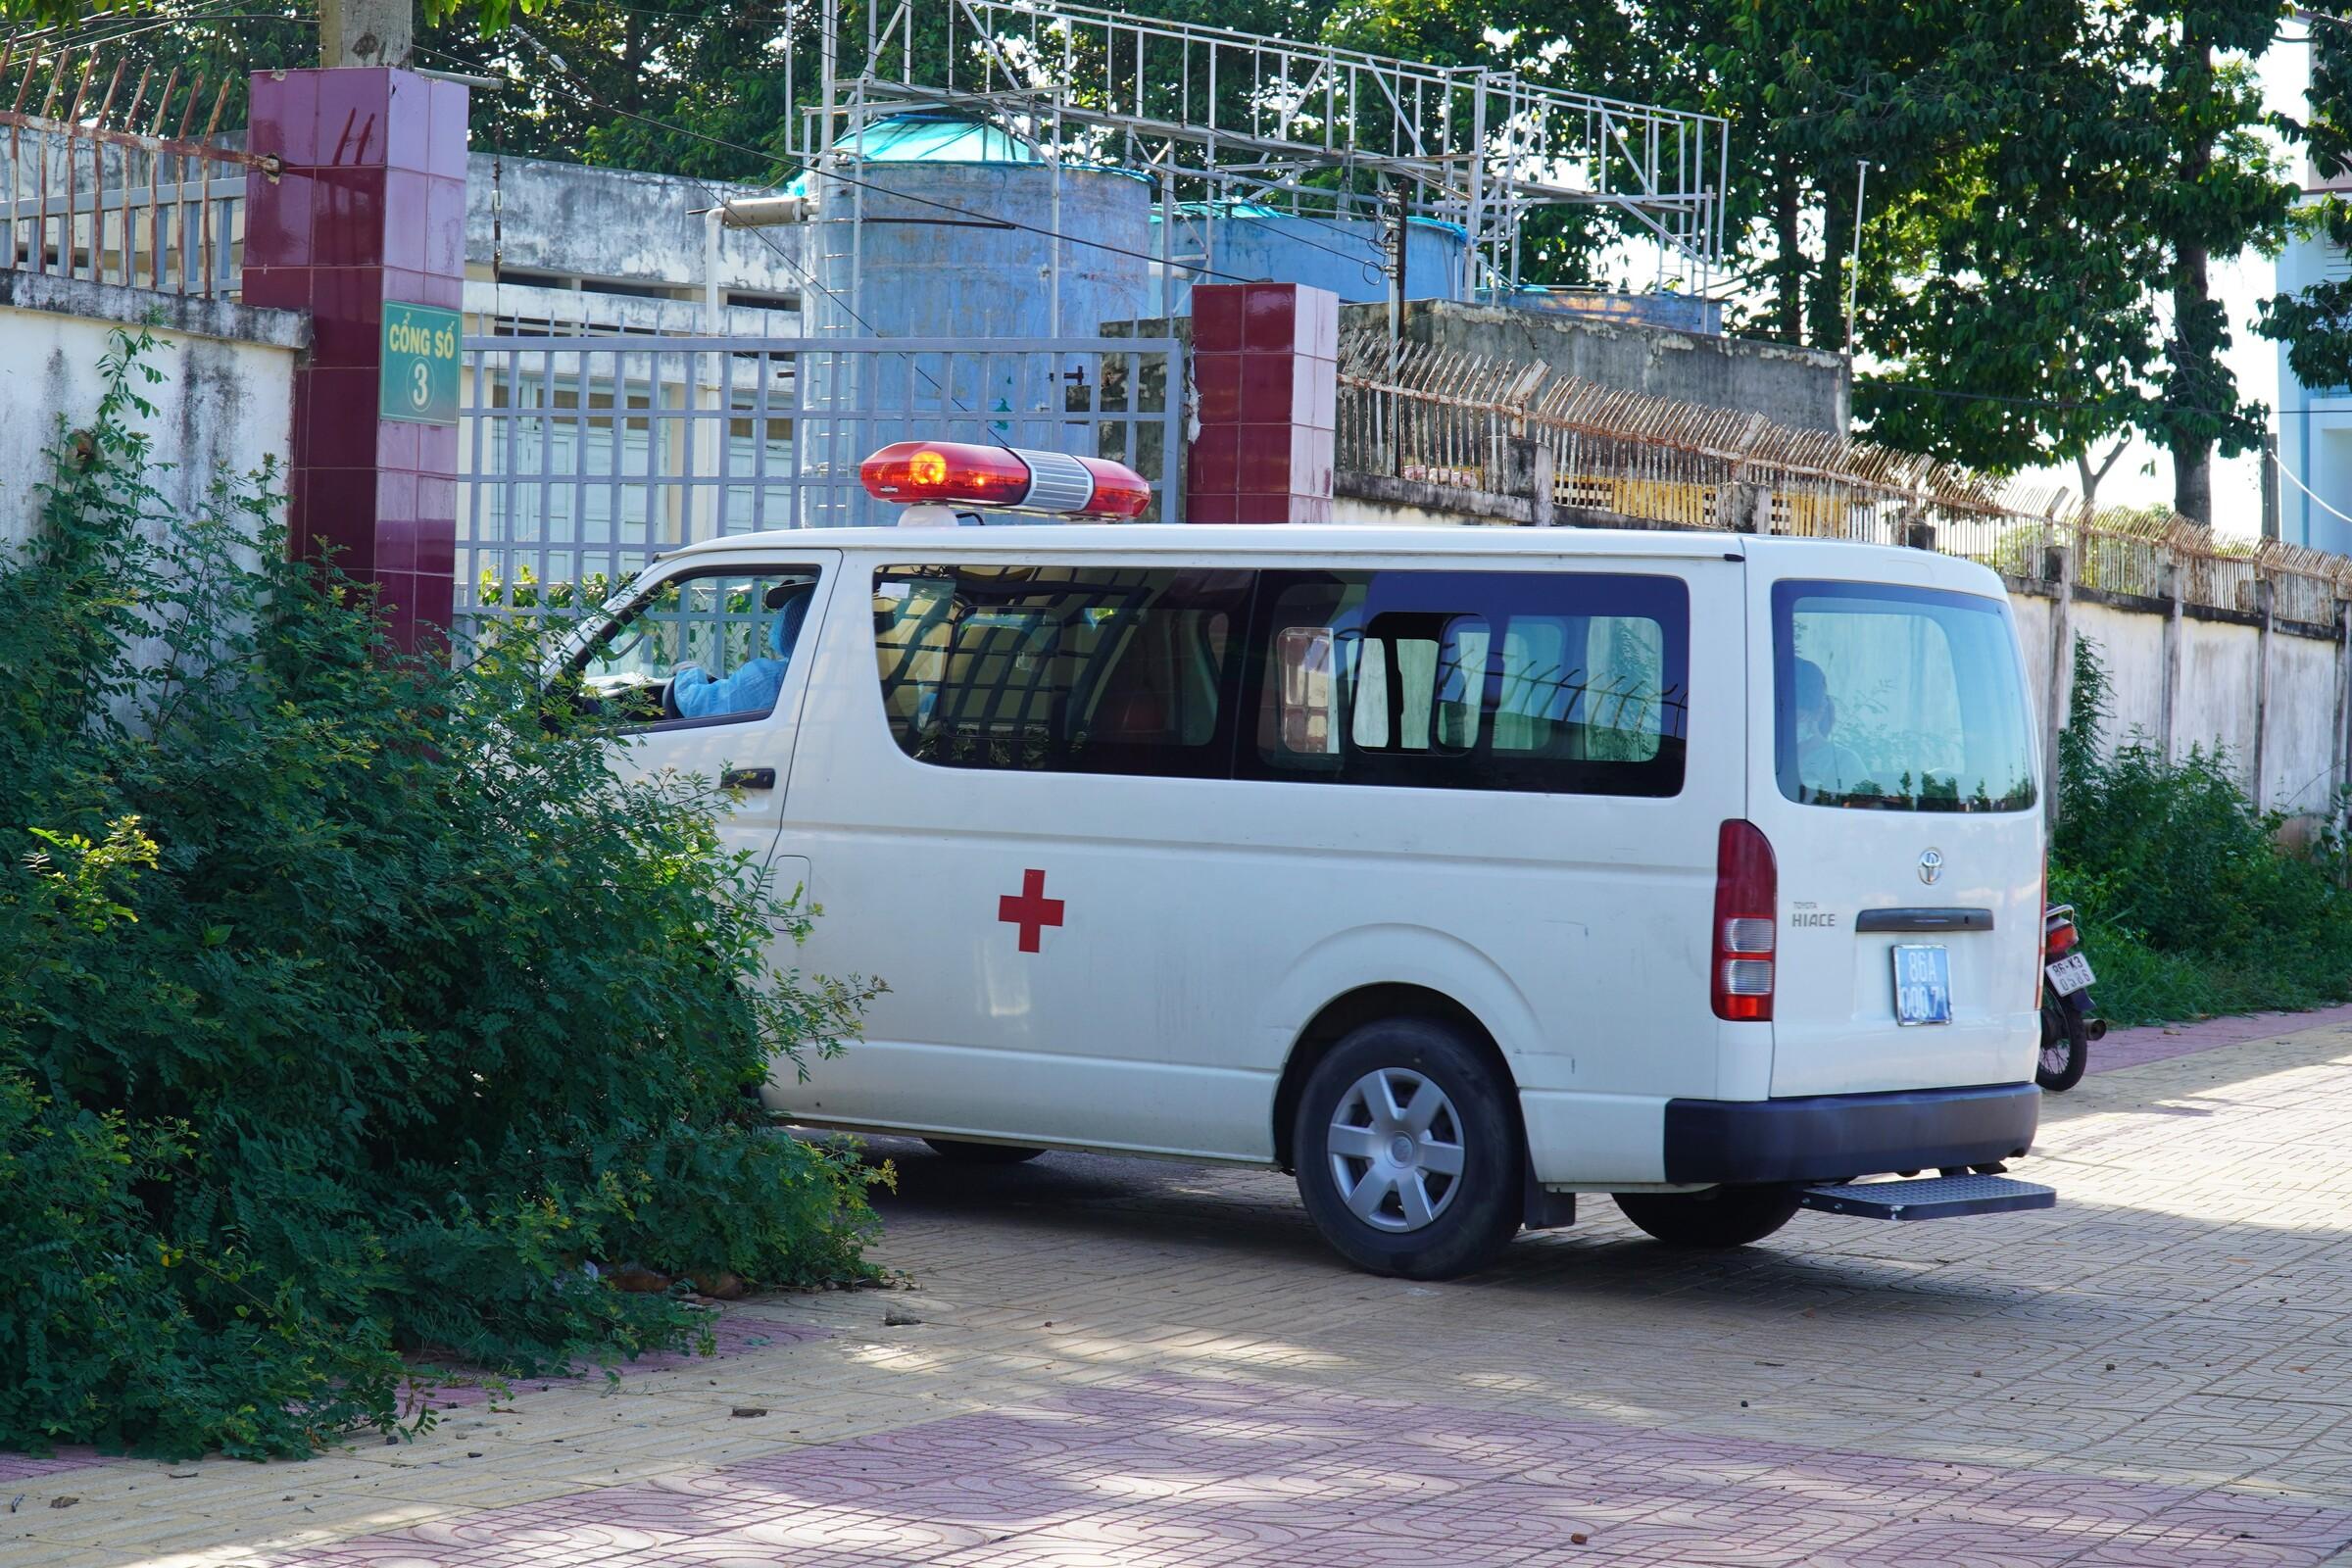 Xe cứu thương chở nhân viên y tế đi cổng sau, vào thực hiện công tác phòng chống dịch tại Bệnh viện Đa khoa Bình Thuận, ngày 24/6. Ảnh: Việt Quốc.